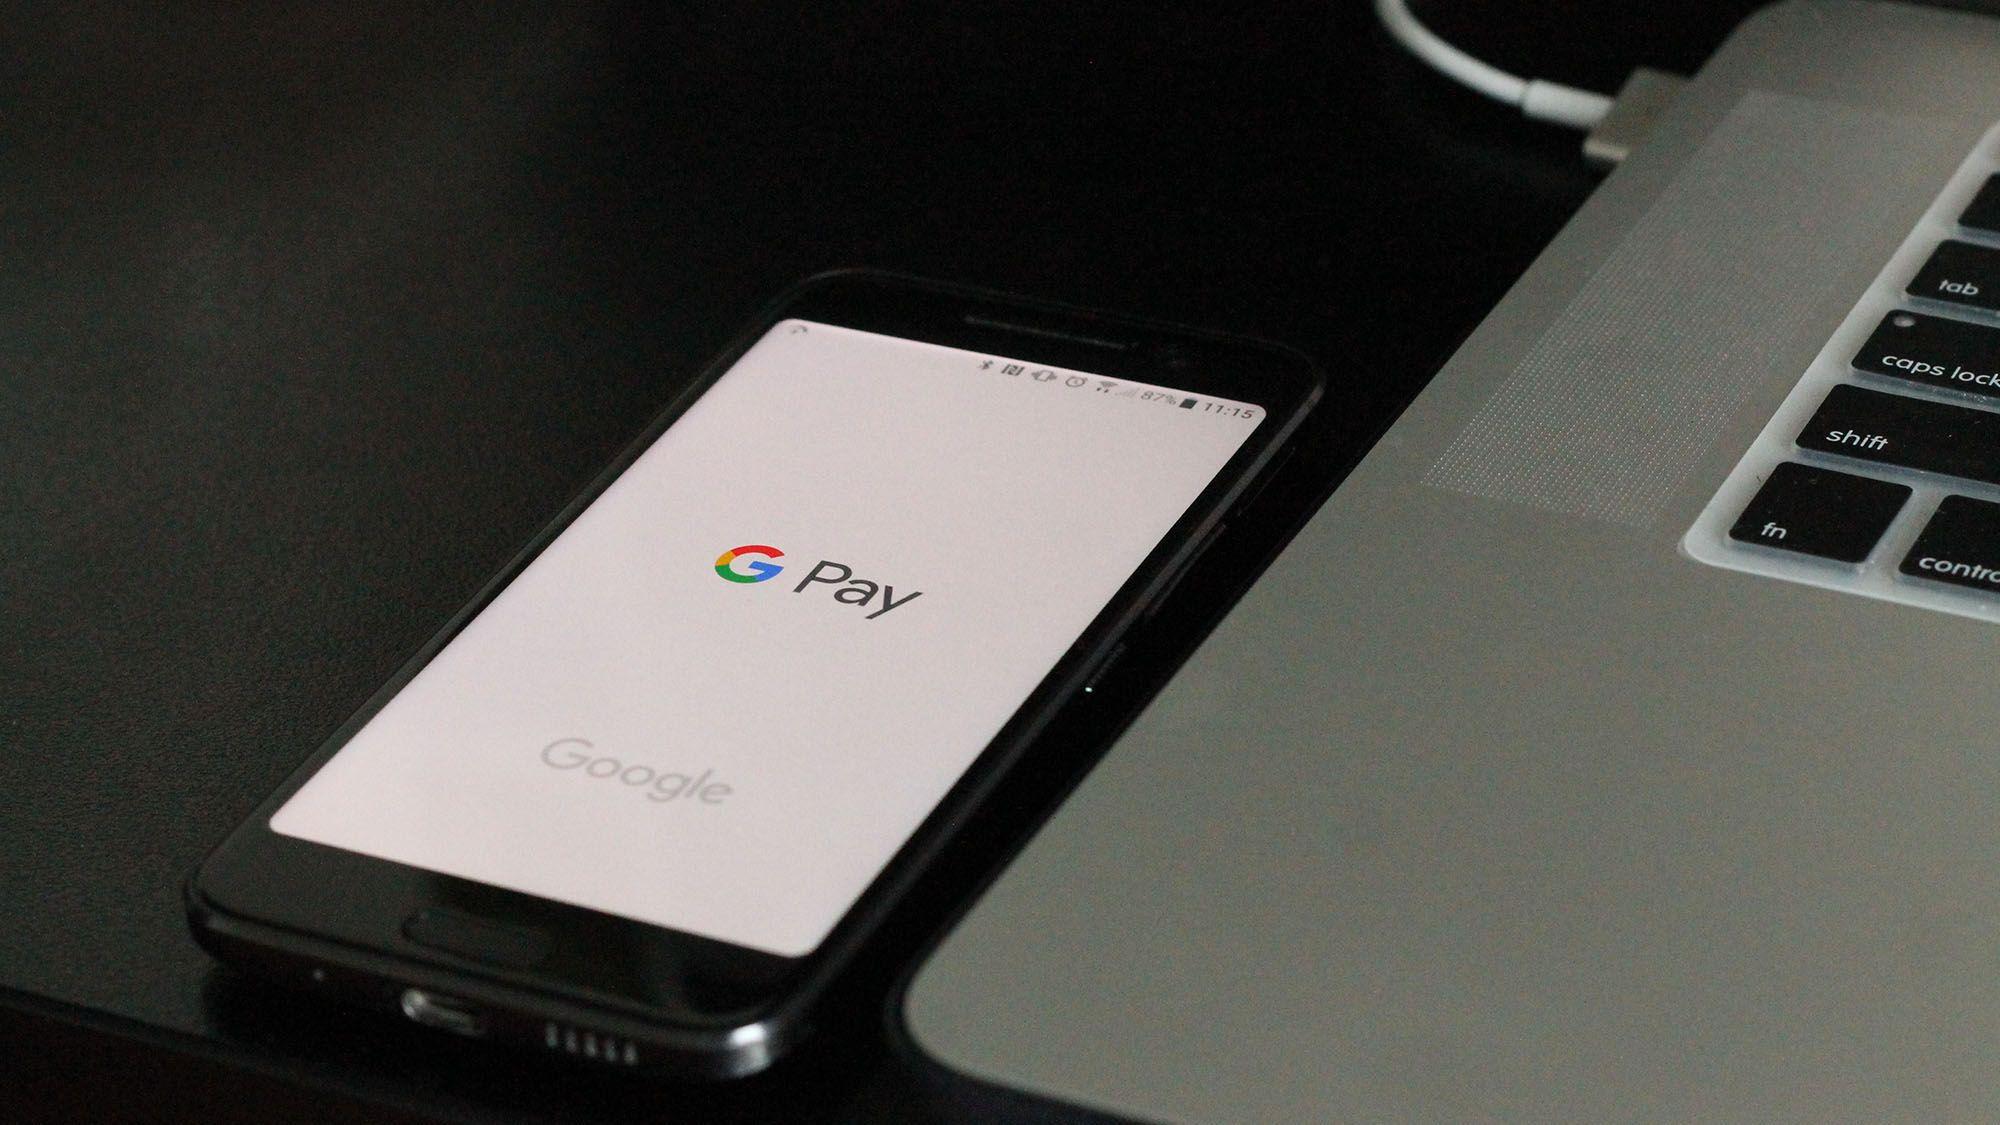 グーグルも金融強化、シティ提携で銀行口座提供へ